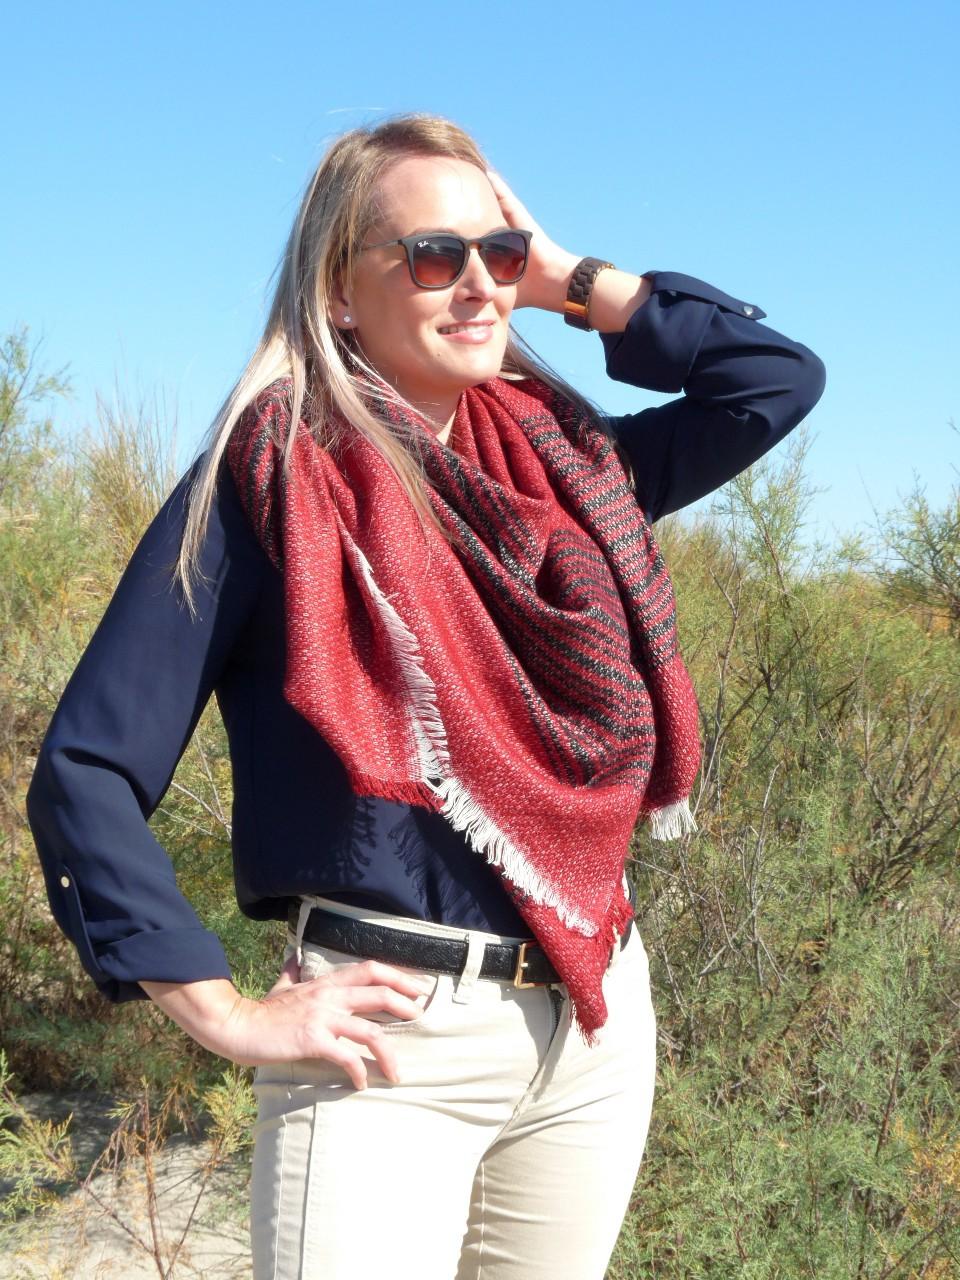 Echarpe femme carre - Idée pour s habiller aaaa2b29391